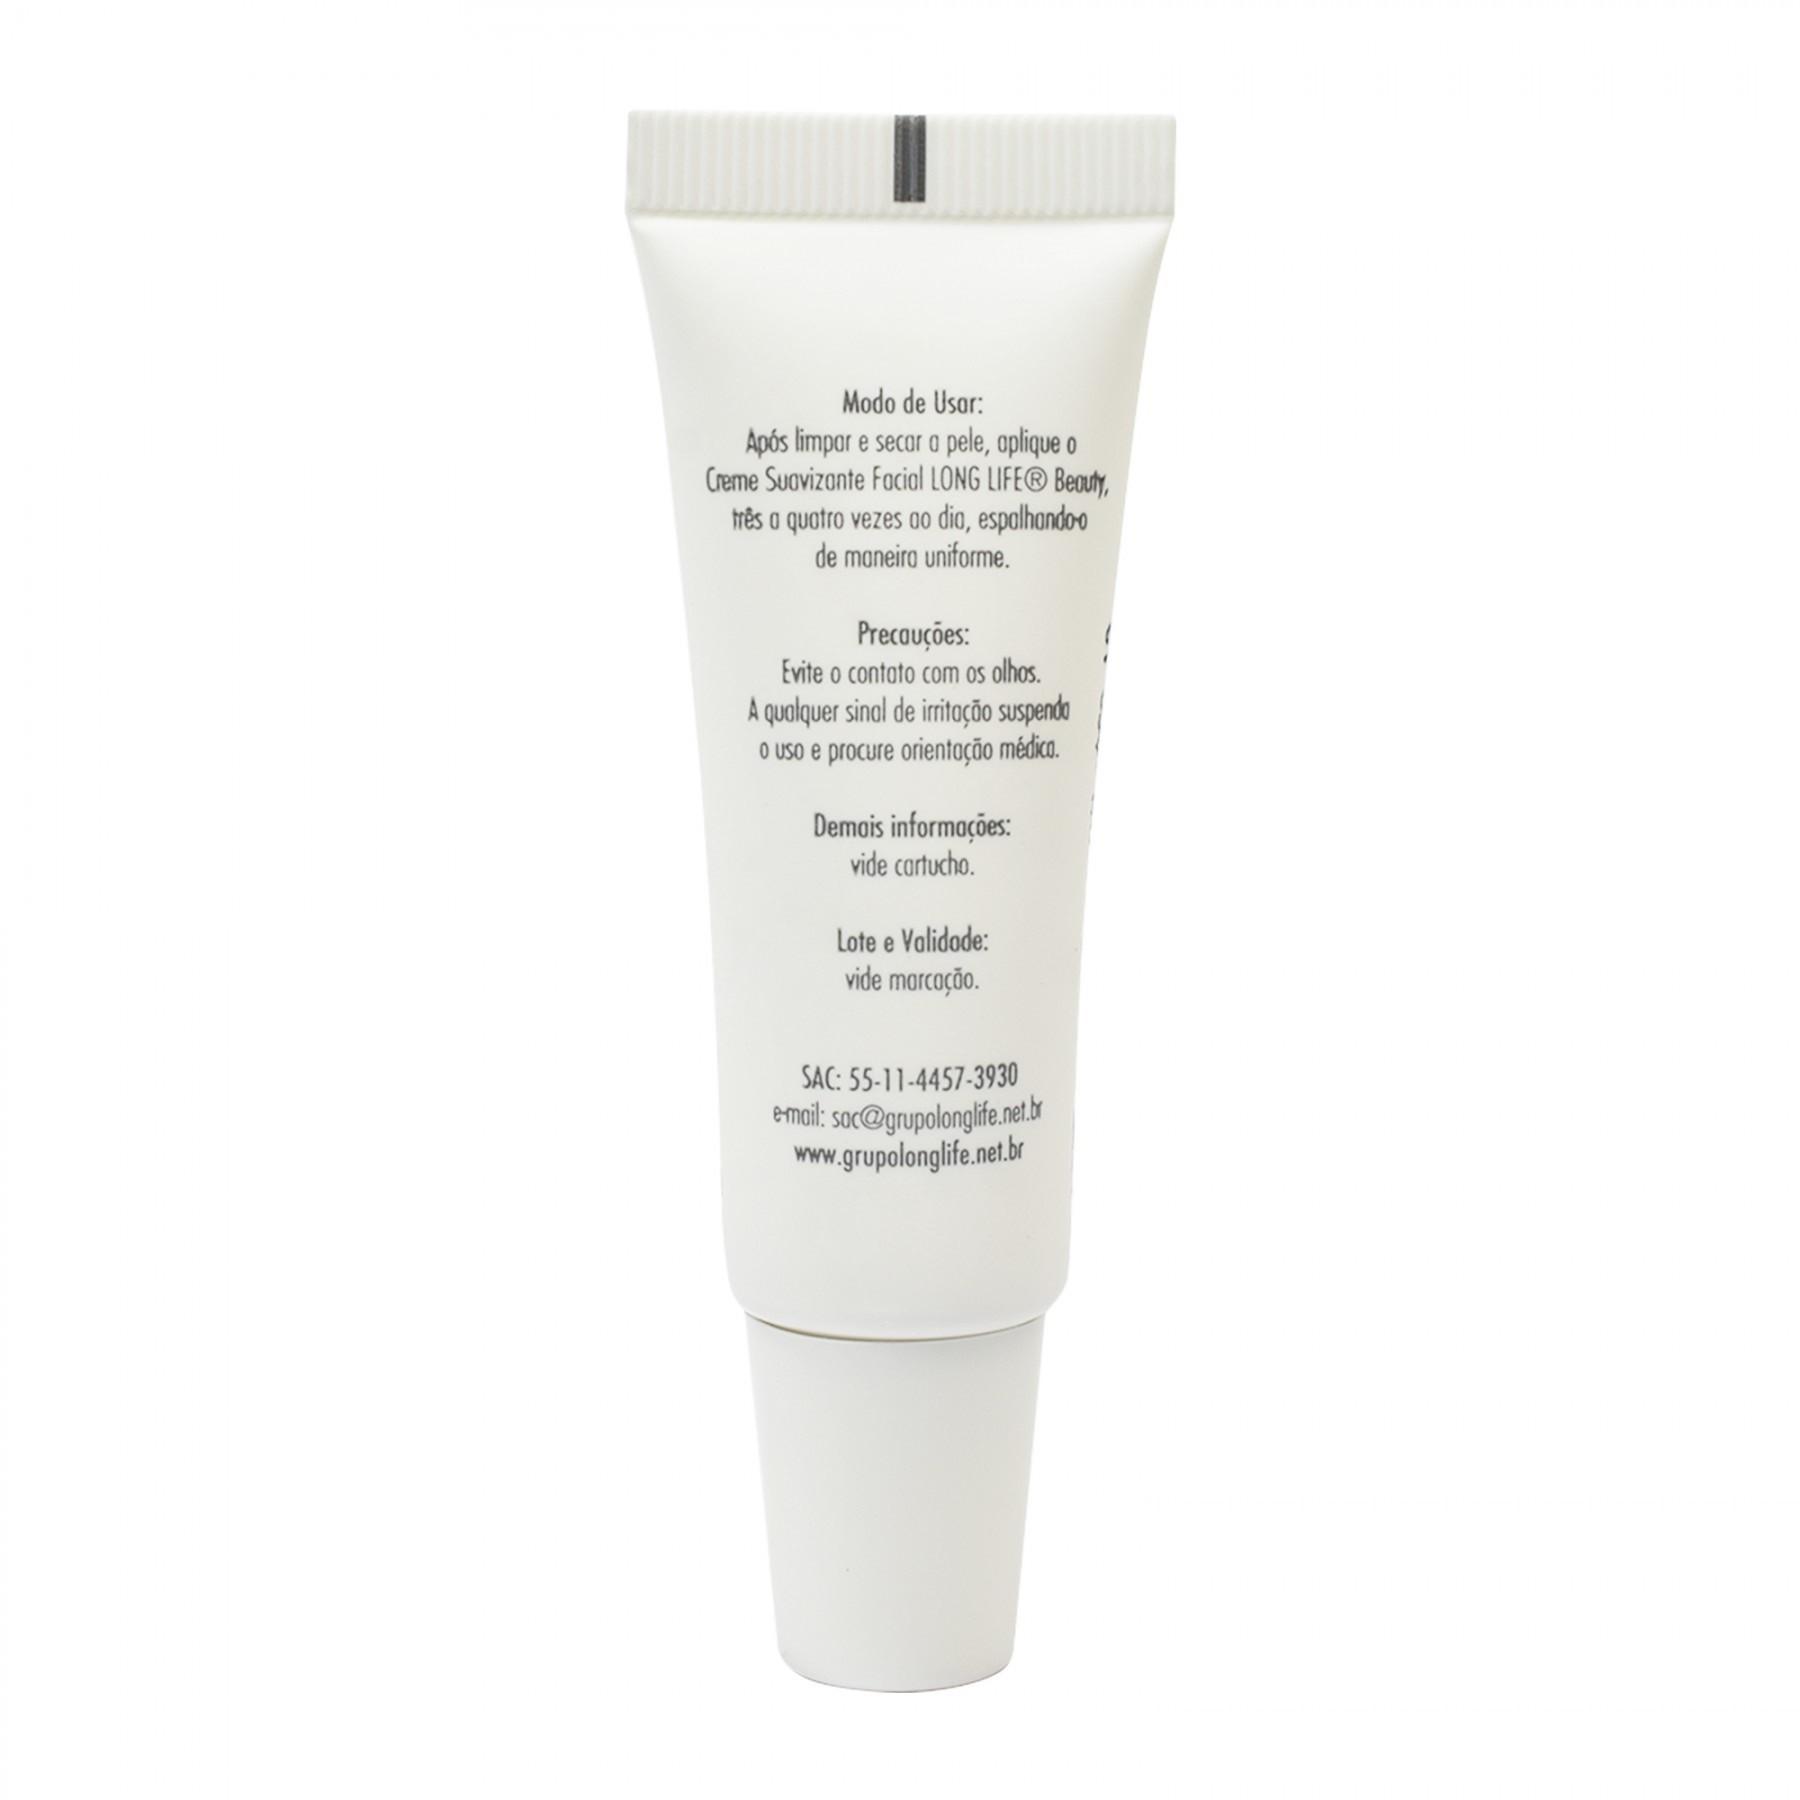 Kit 10un Tratamento Pos Micropigmentacao Creme Suavizante Facial Long Life - 12g